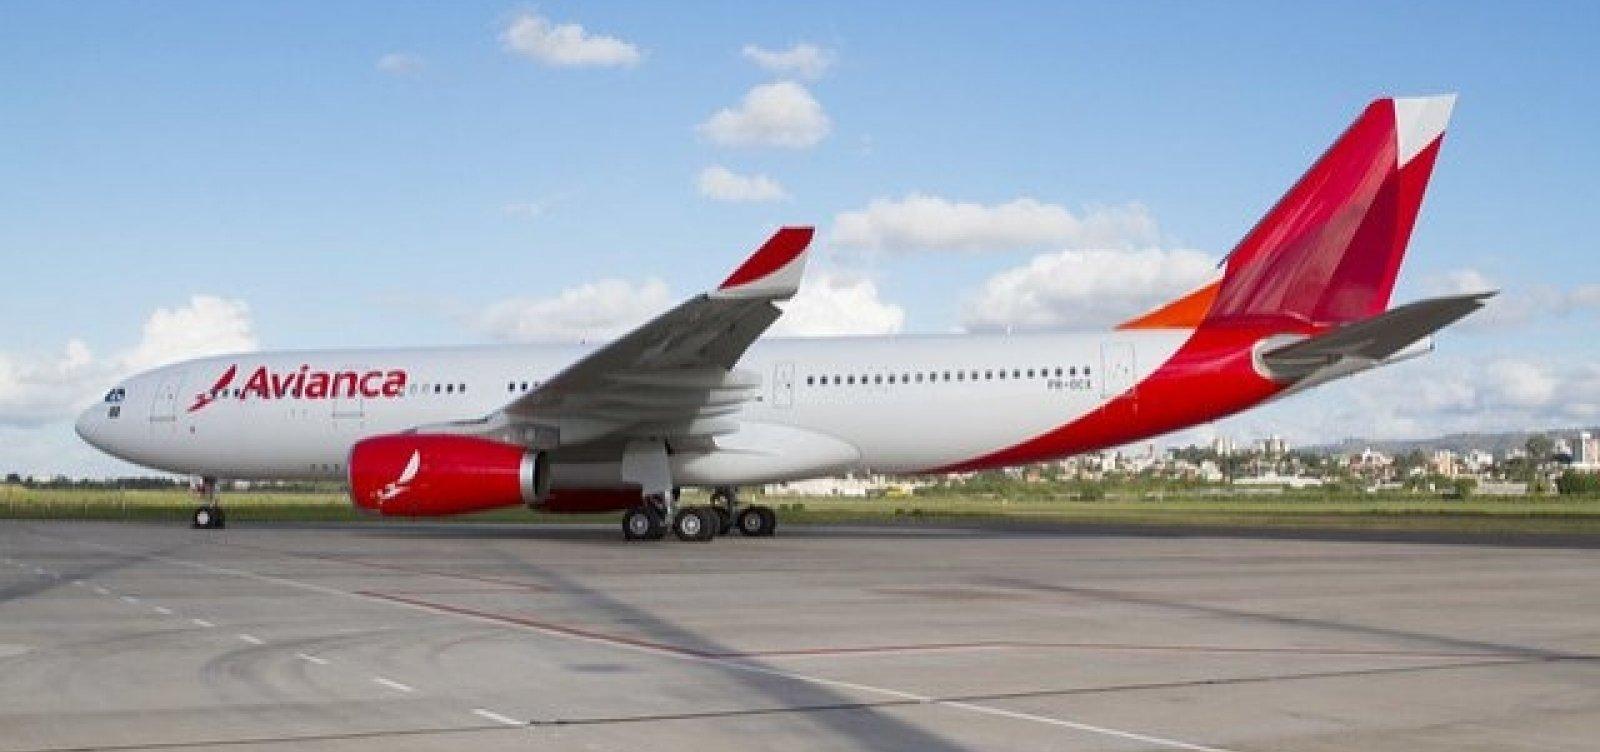 Avianca demite cerca de 30% dos funcionários do aeroporto de Guarulhos (SP)